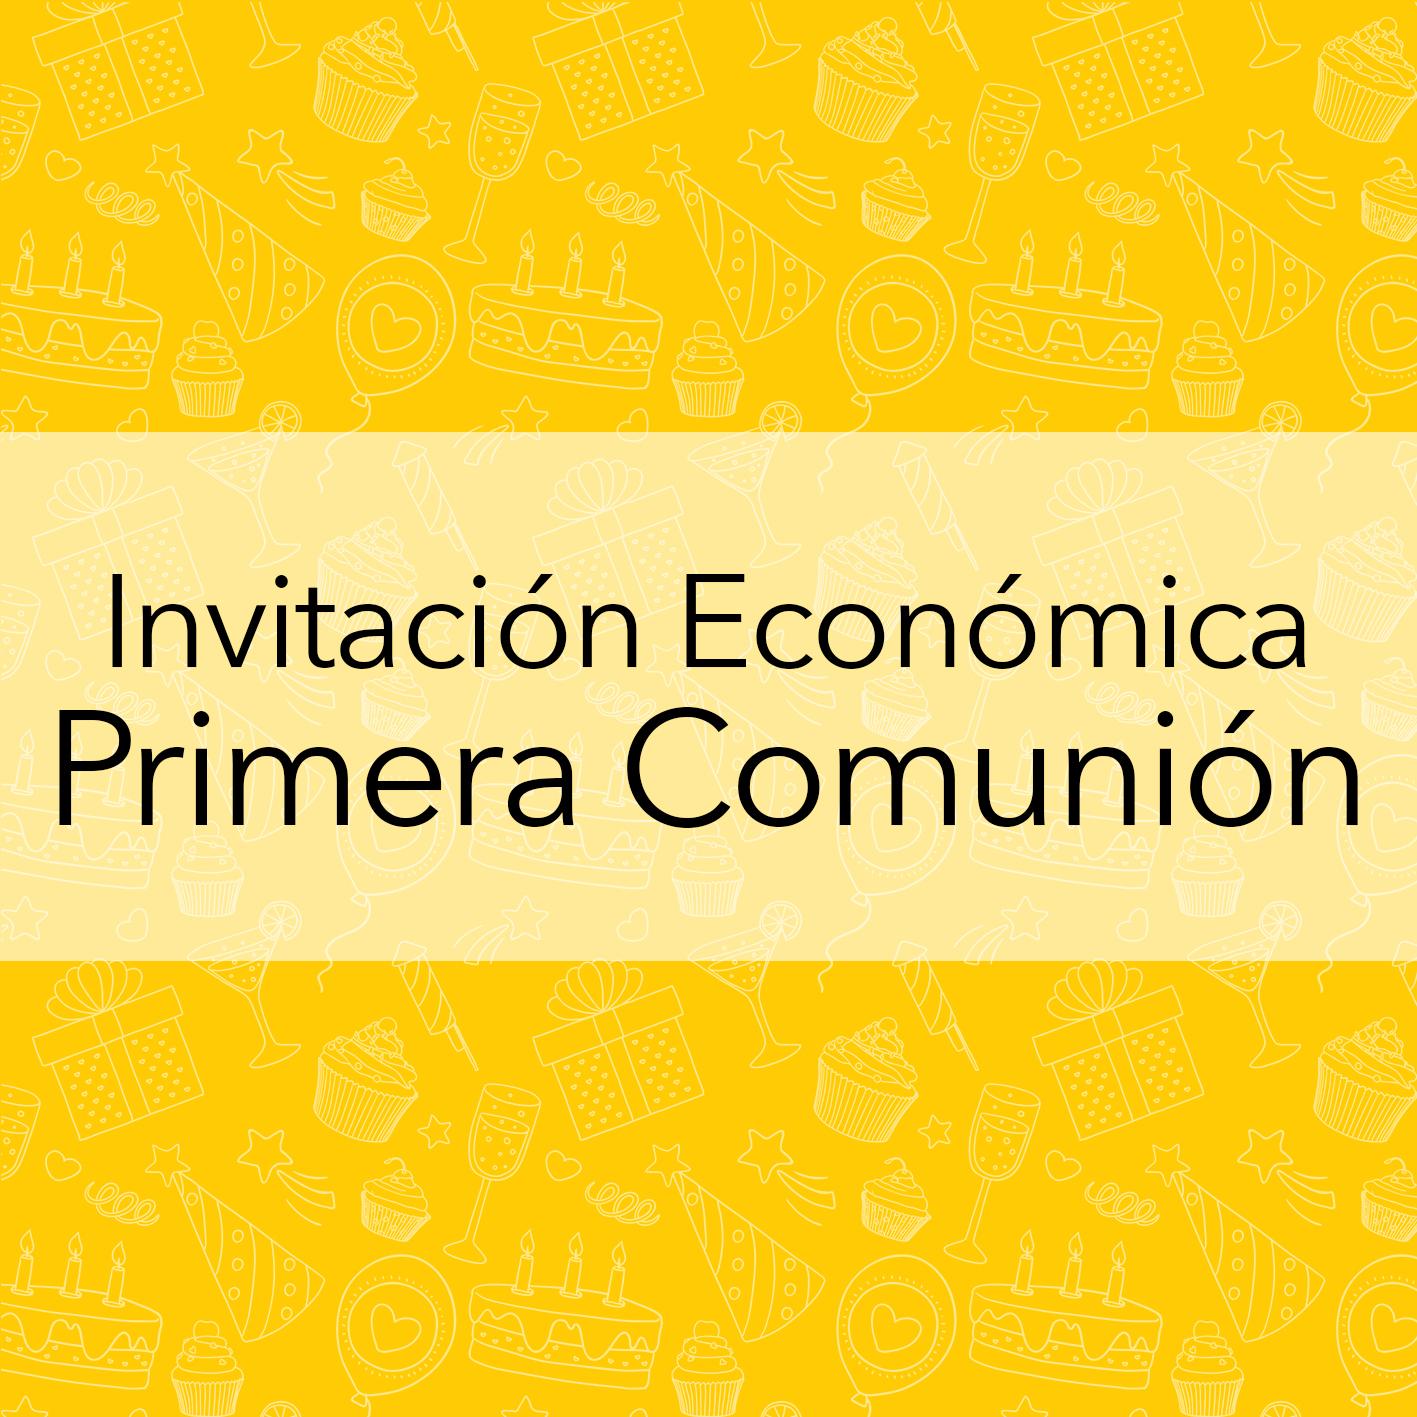 INVITACIÓN ECONOMICA PRIMERA COMUNION